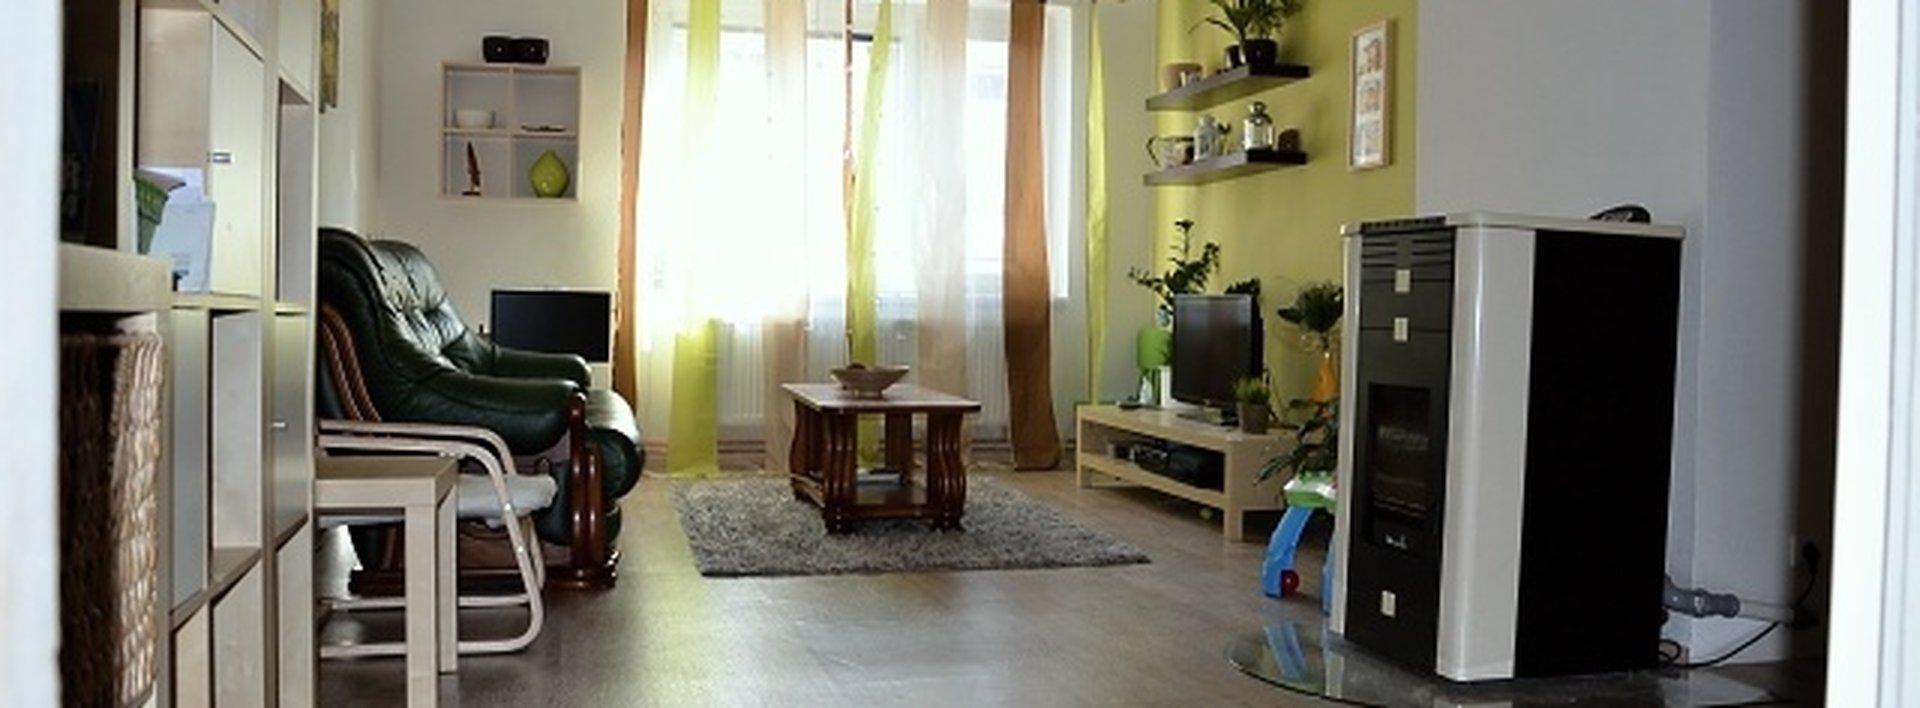 Prostorný a světlý byt 4+1, 95m2, v atraktivní lokalitě - Janov n/N, Ev.č.: N46627